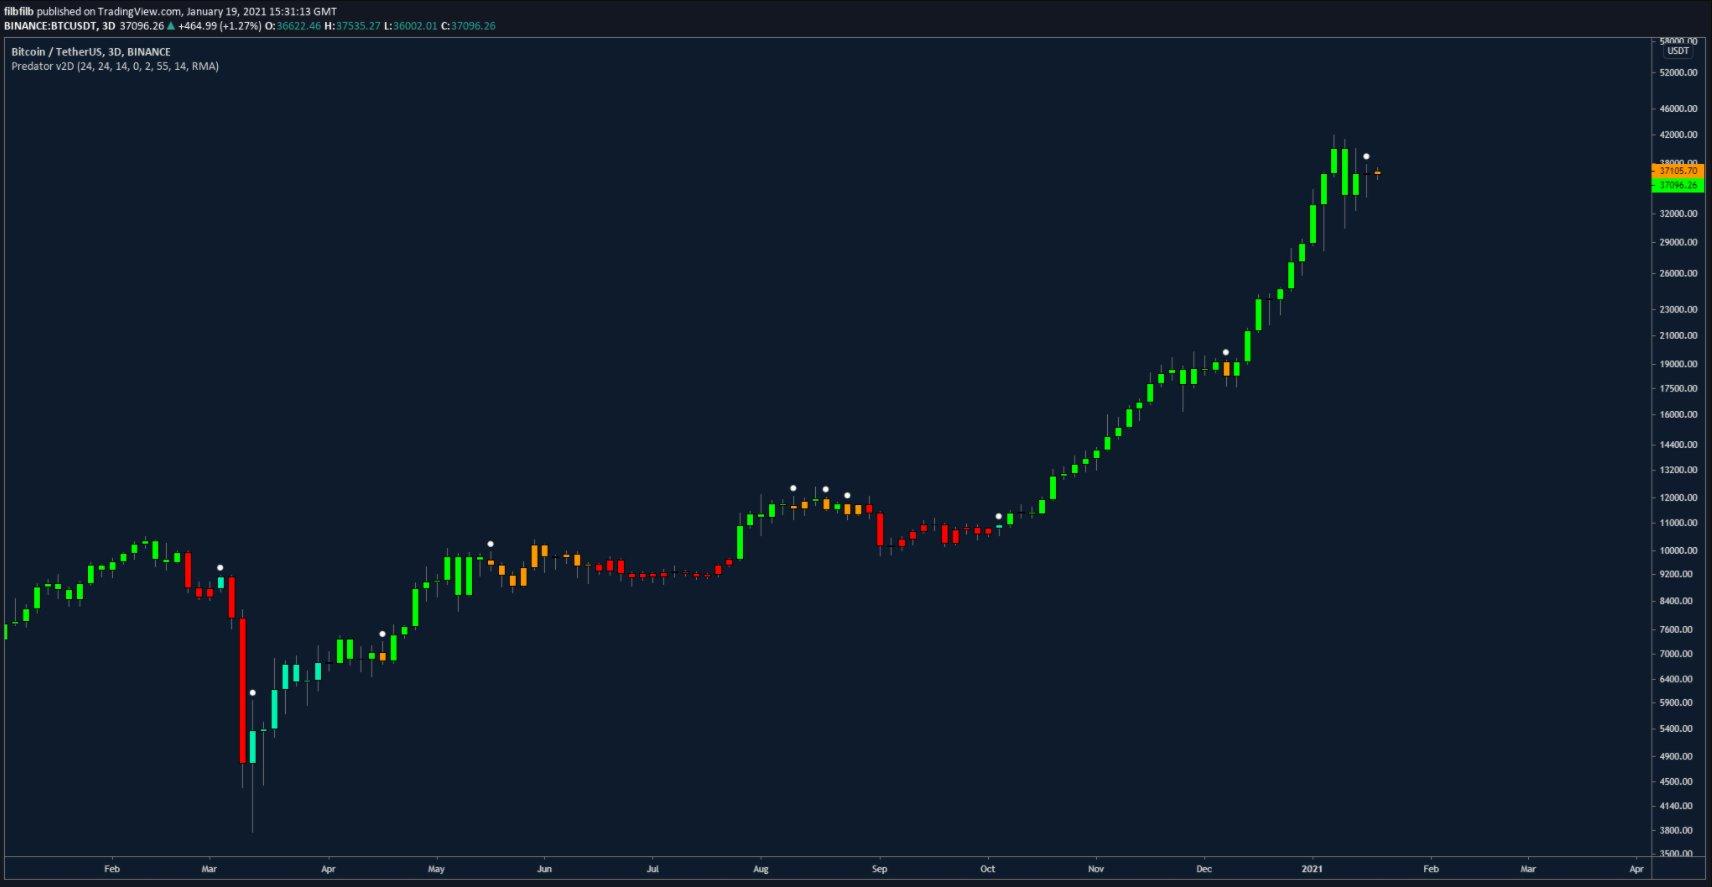 Grafico candlestick a 3 giorni della coppia BTC/USDT